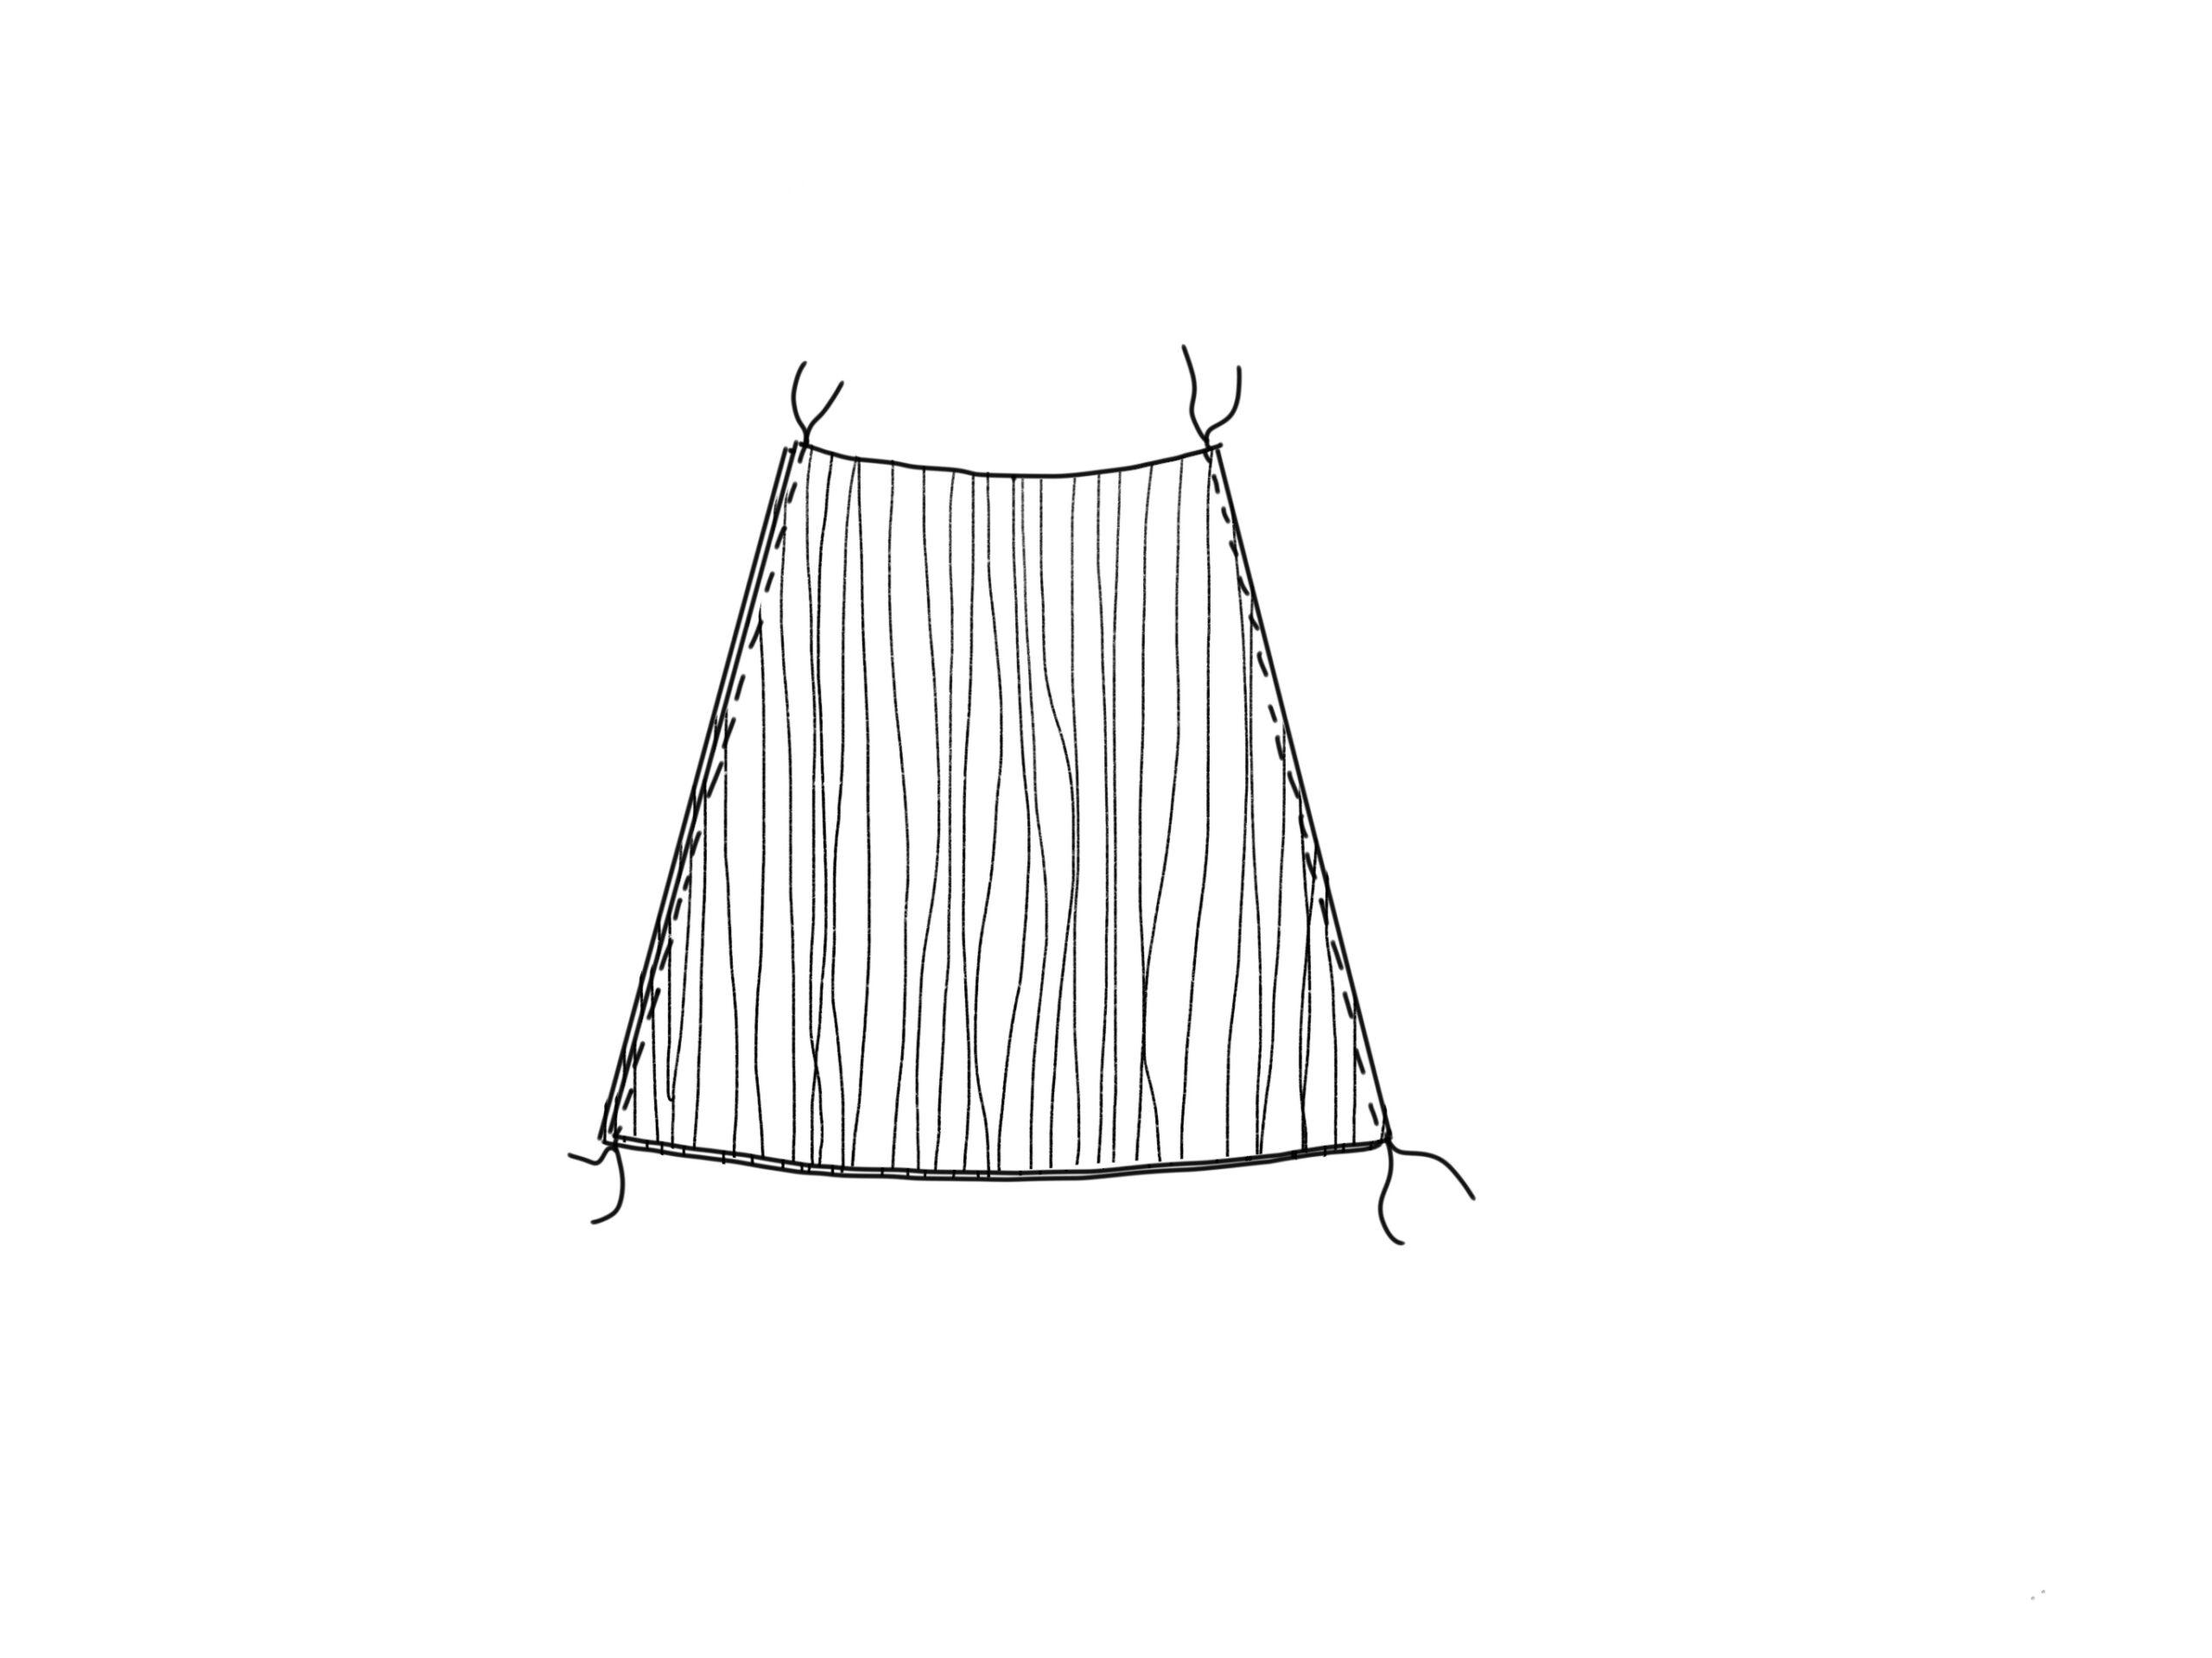 Nähanleitung Plisseerock - Schnittmuster erstellen